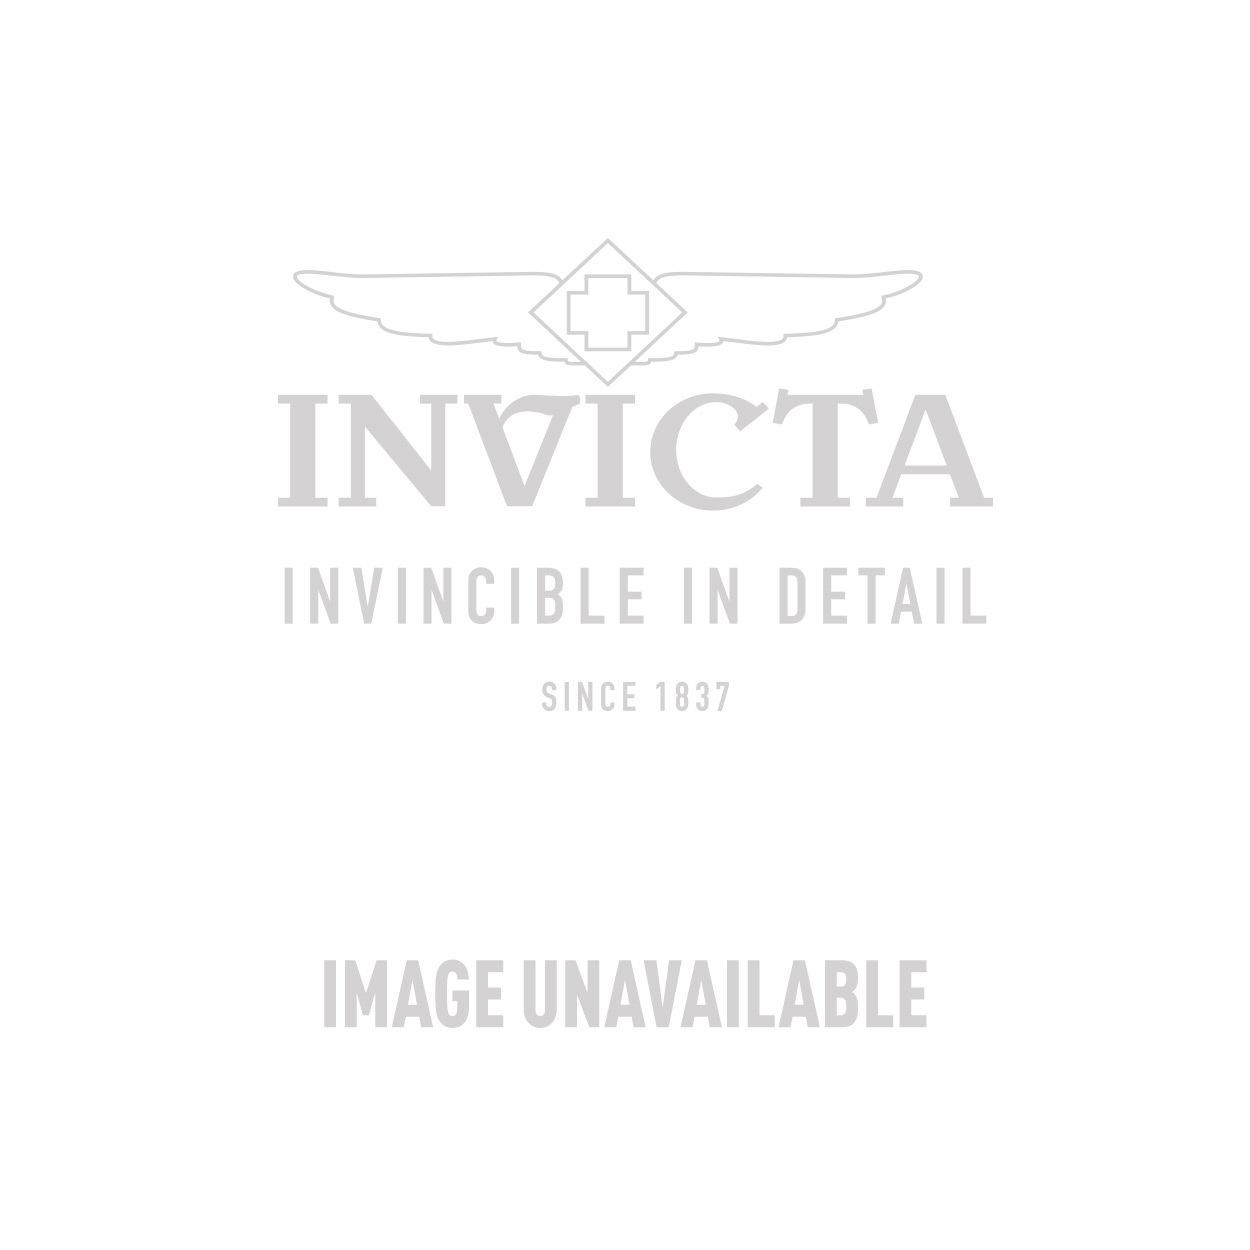 Invicta Model  25387